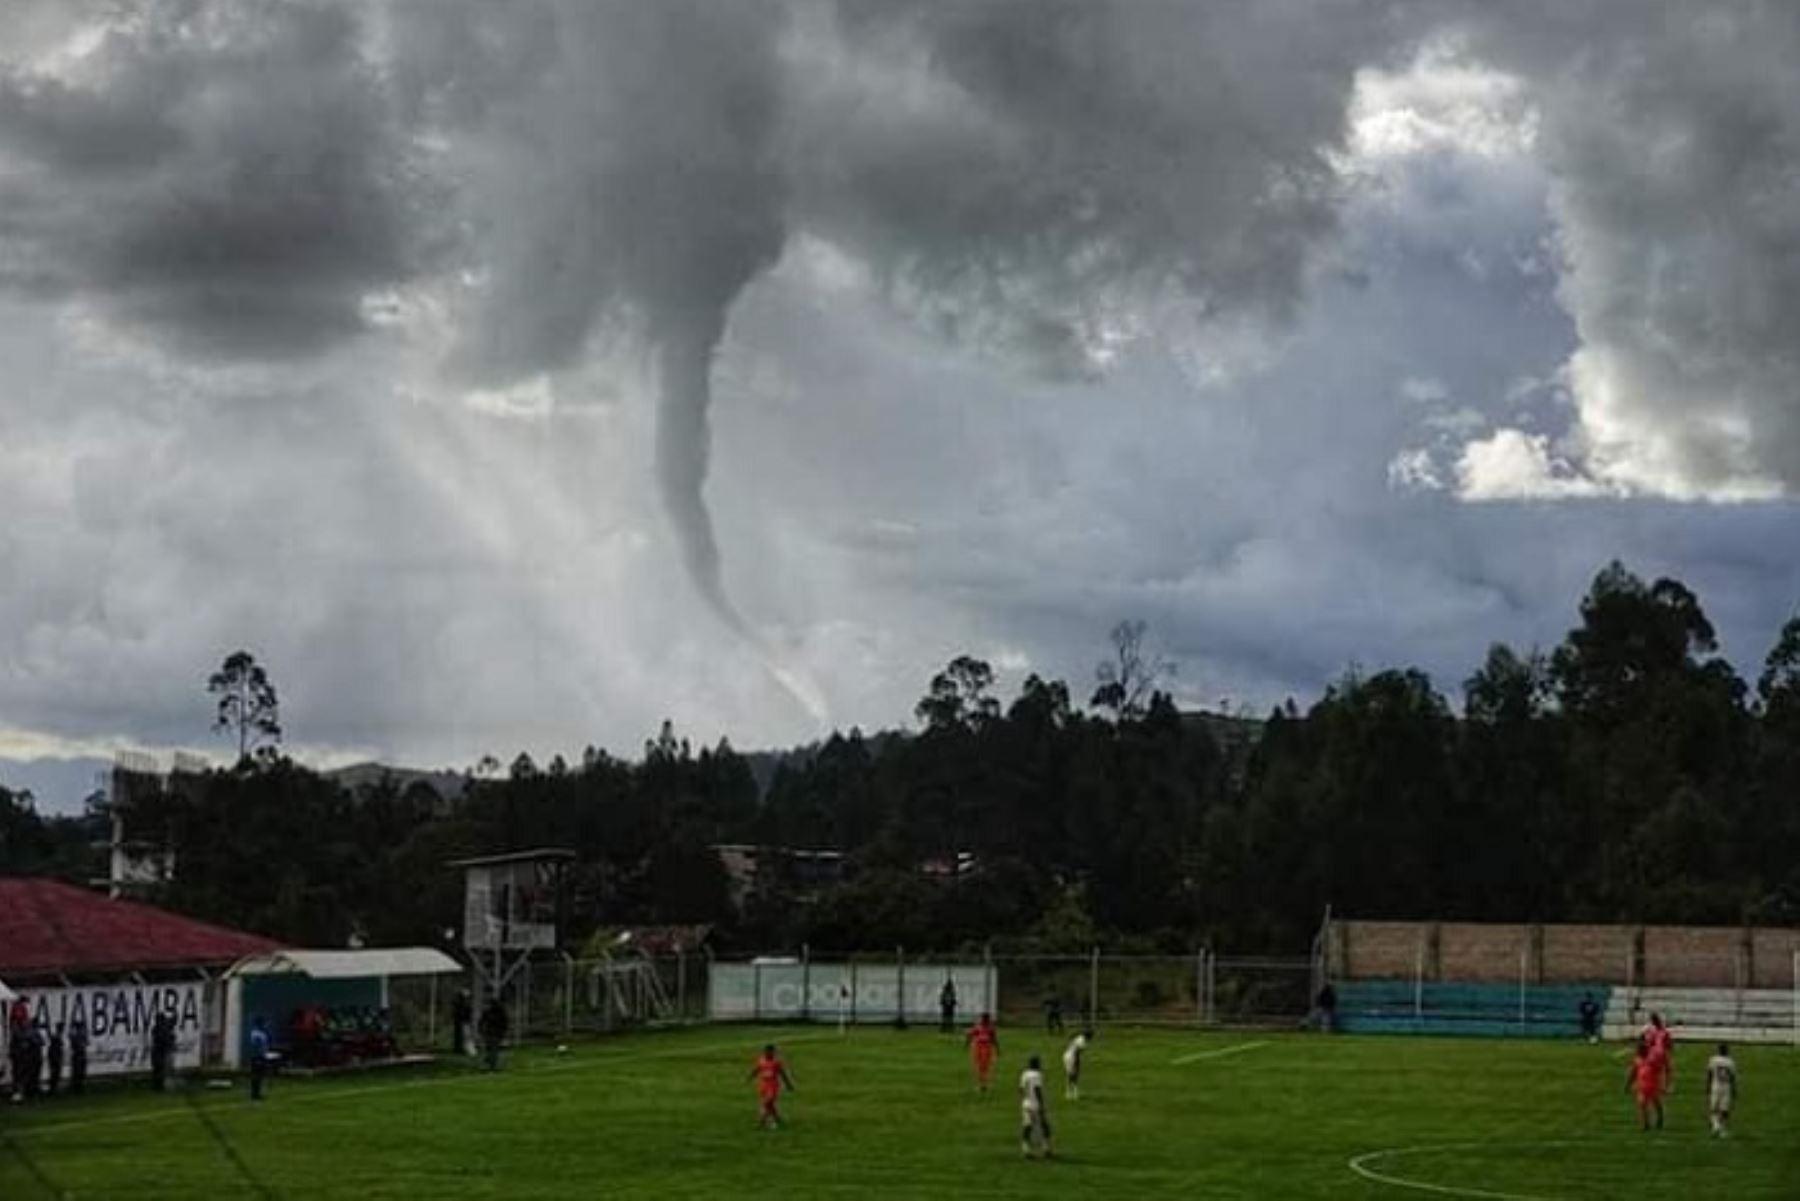 En el cielo de Cajabamba, en la región Cajamarca, se pudo observar en la víspera un embudo de aire, fenómeno meteorológico que se forma debajo de tormentas débiles cuando el aire en altura cercana a la base de la nube es especialmente frío, precisó el Servicio Nacional de Meteorología e Hidrología (Senamhi).